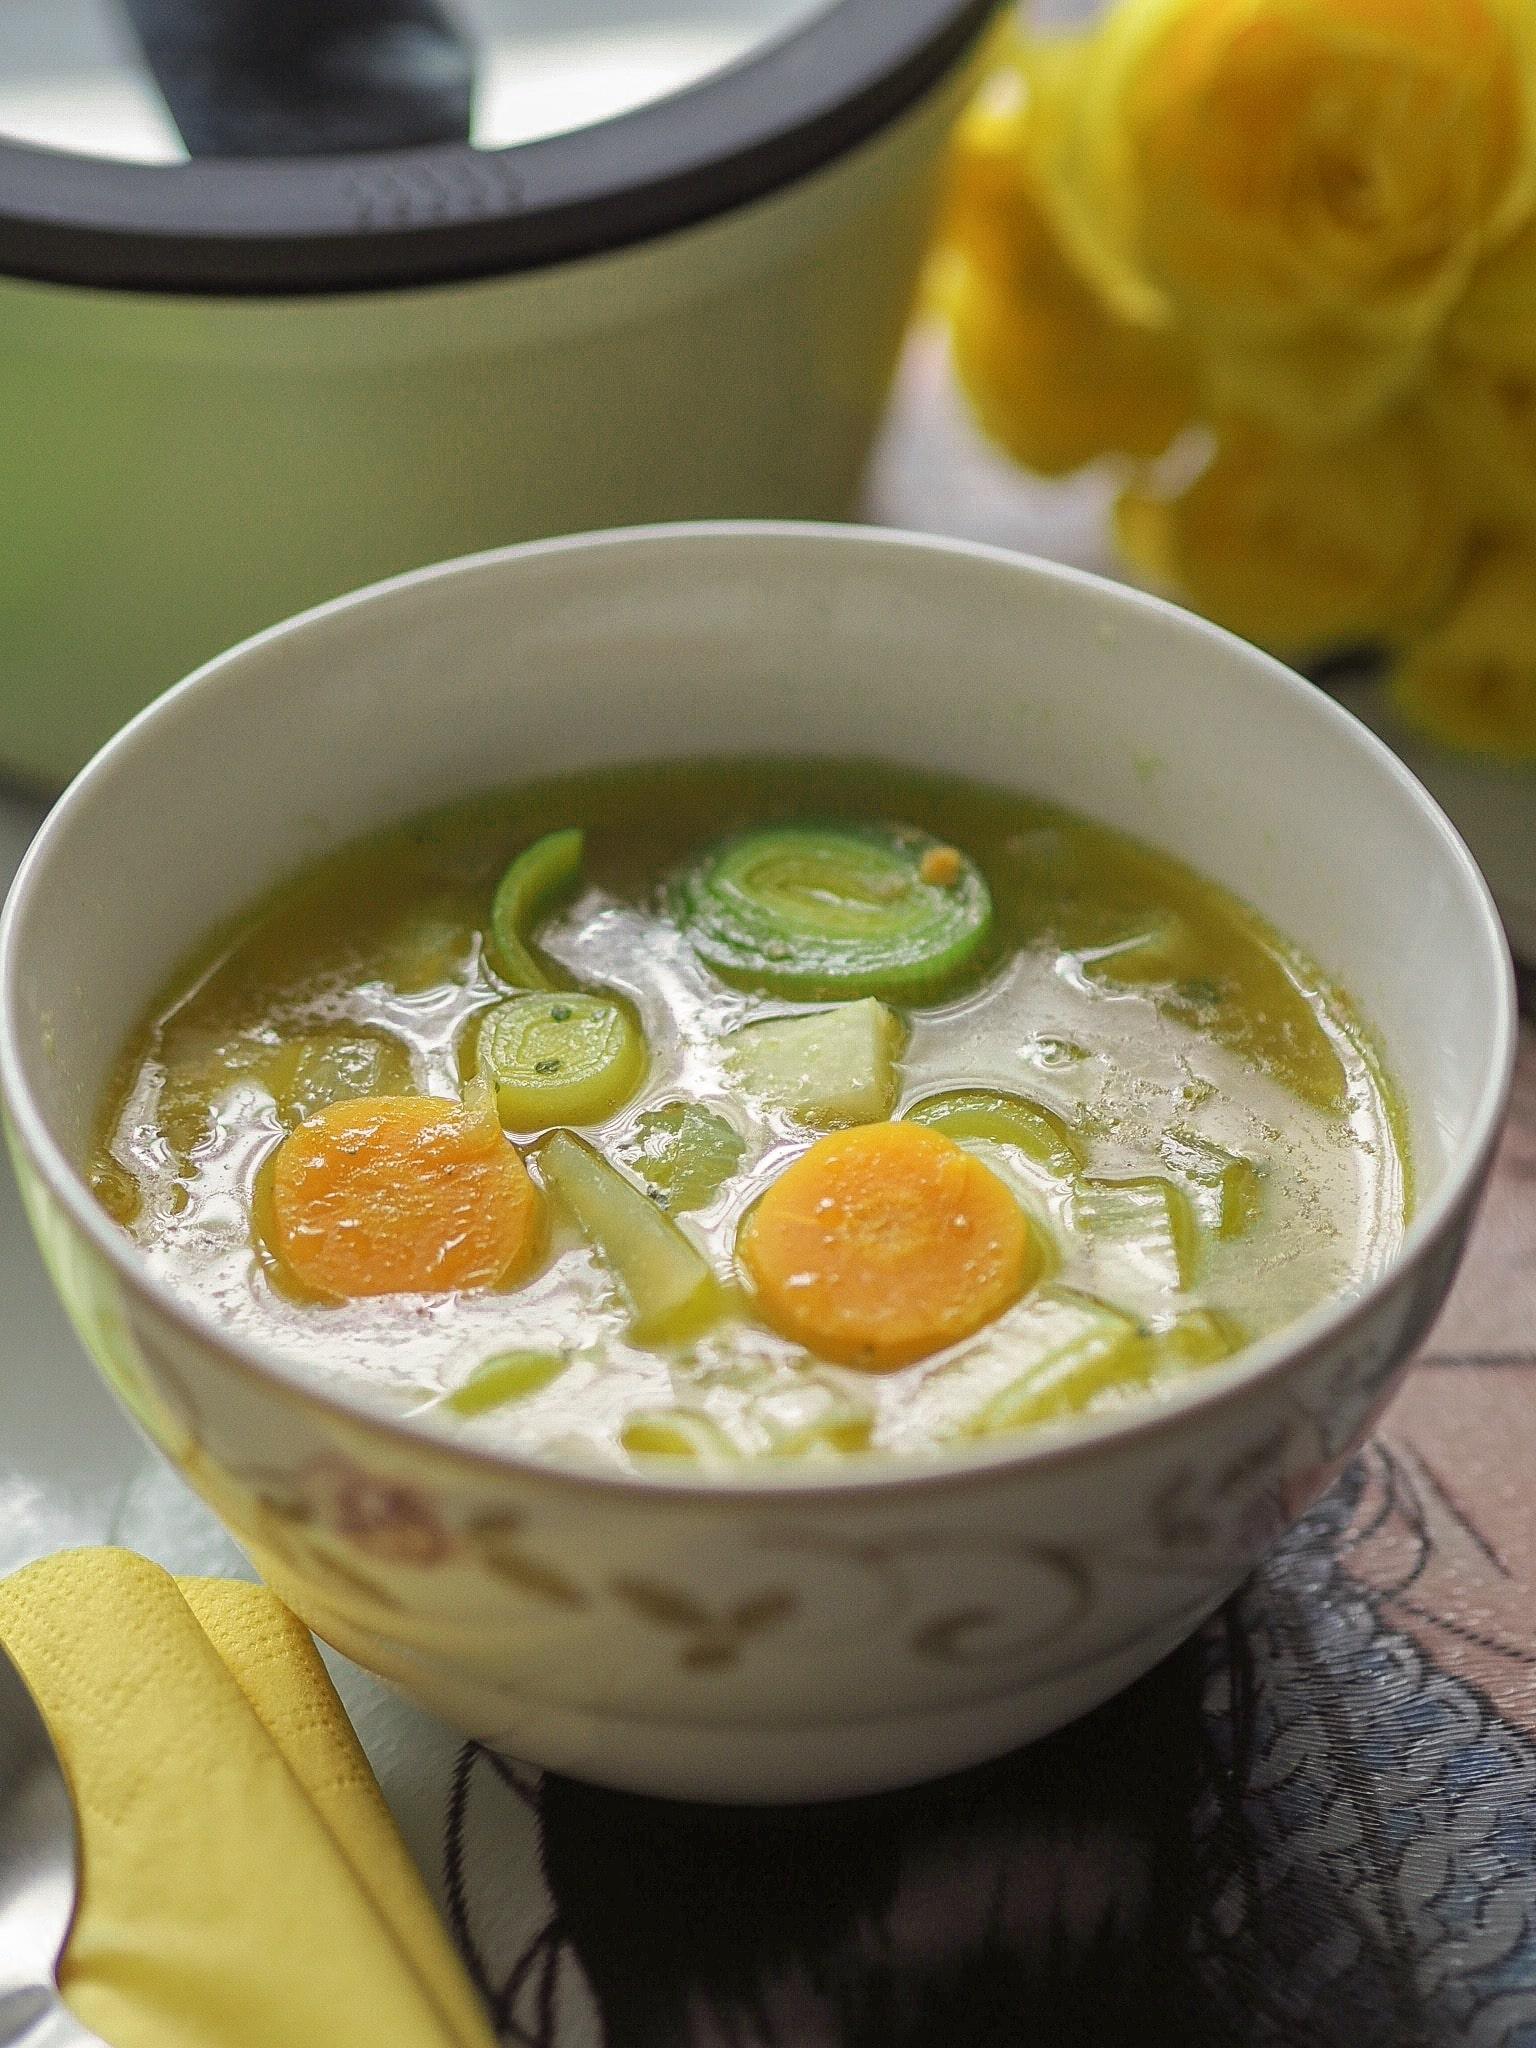 """Mit meiner gesunden, veganen Gemüsesuppe im hübschen Topfset """"Happiness"""" von Mulex werdet ihr im Winter bestens gewärmt. heute verrate ich euch mein Rezept."""